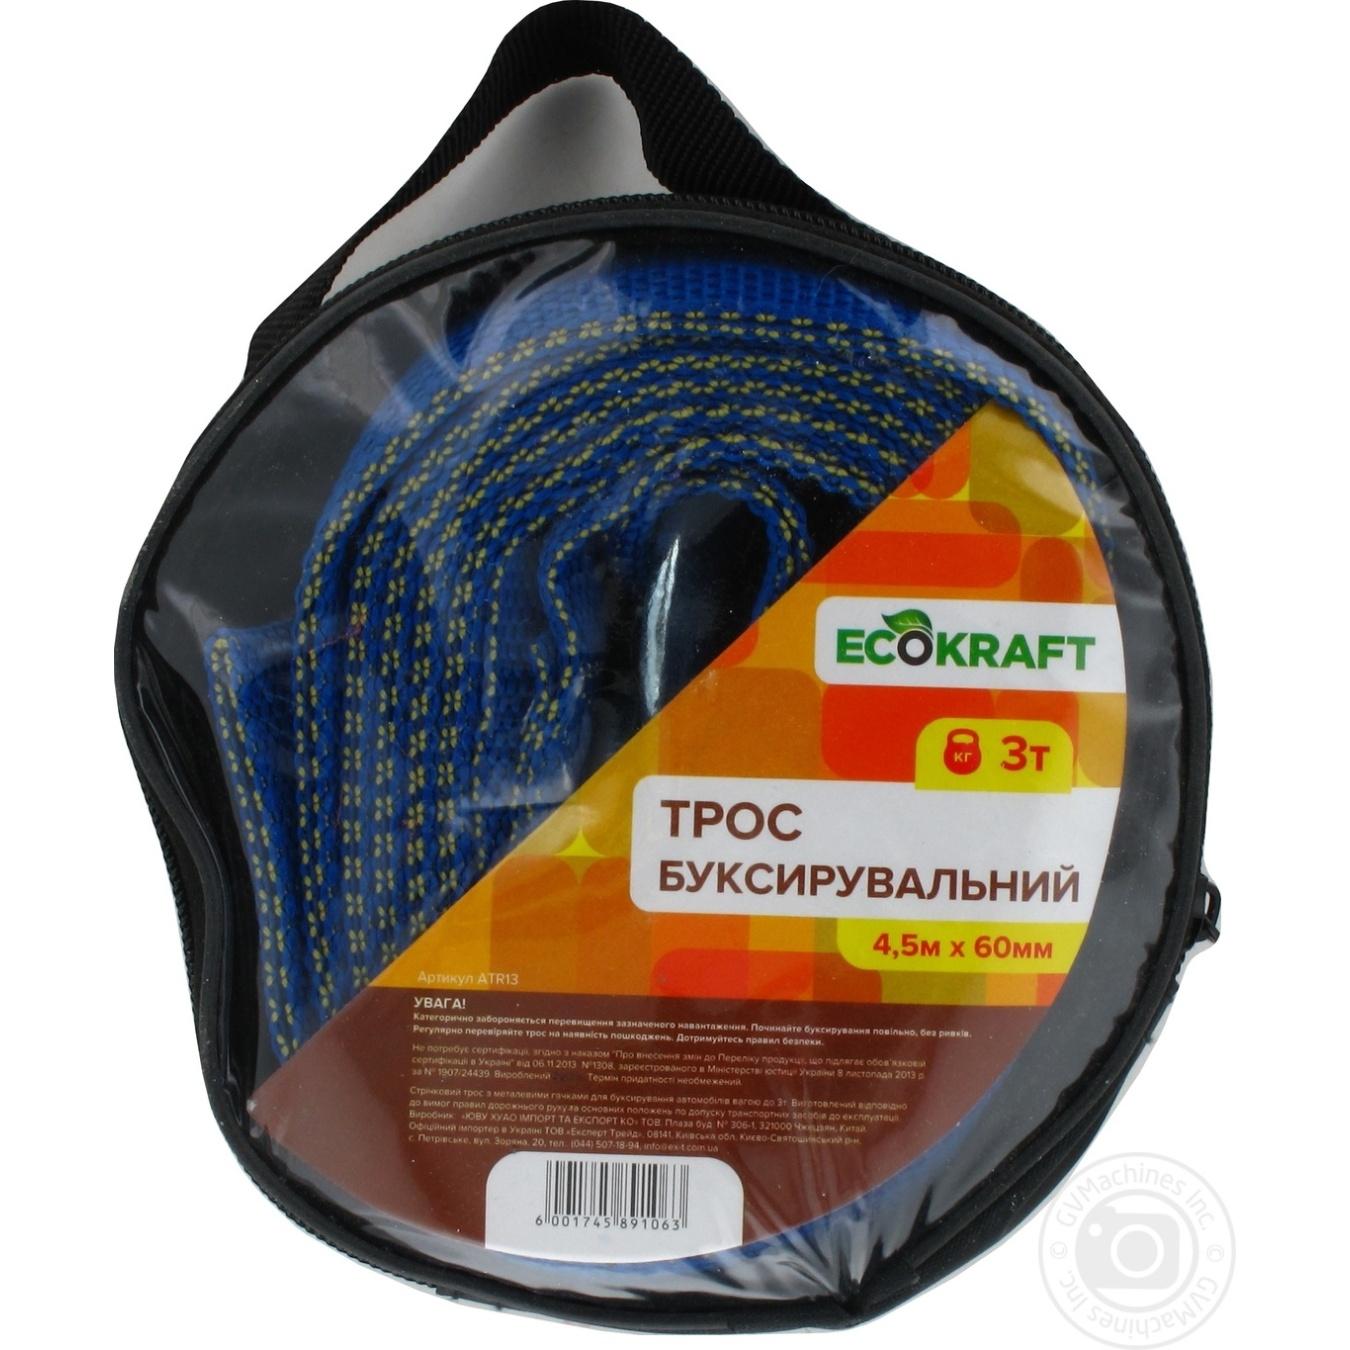 Купить ECOKRAFT ТРОС 60ММ*4, 5М*3Т